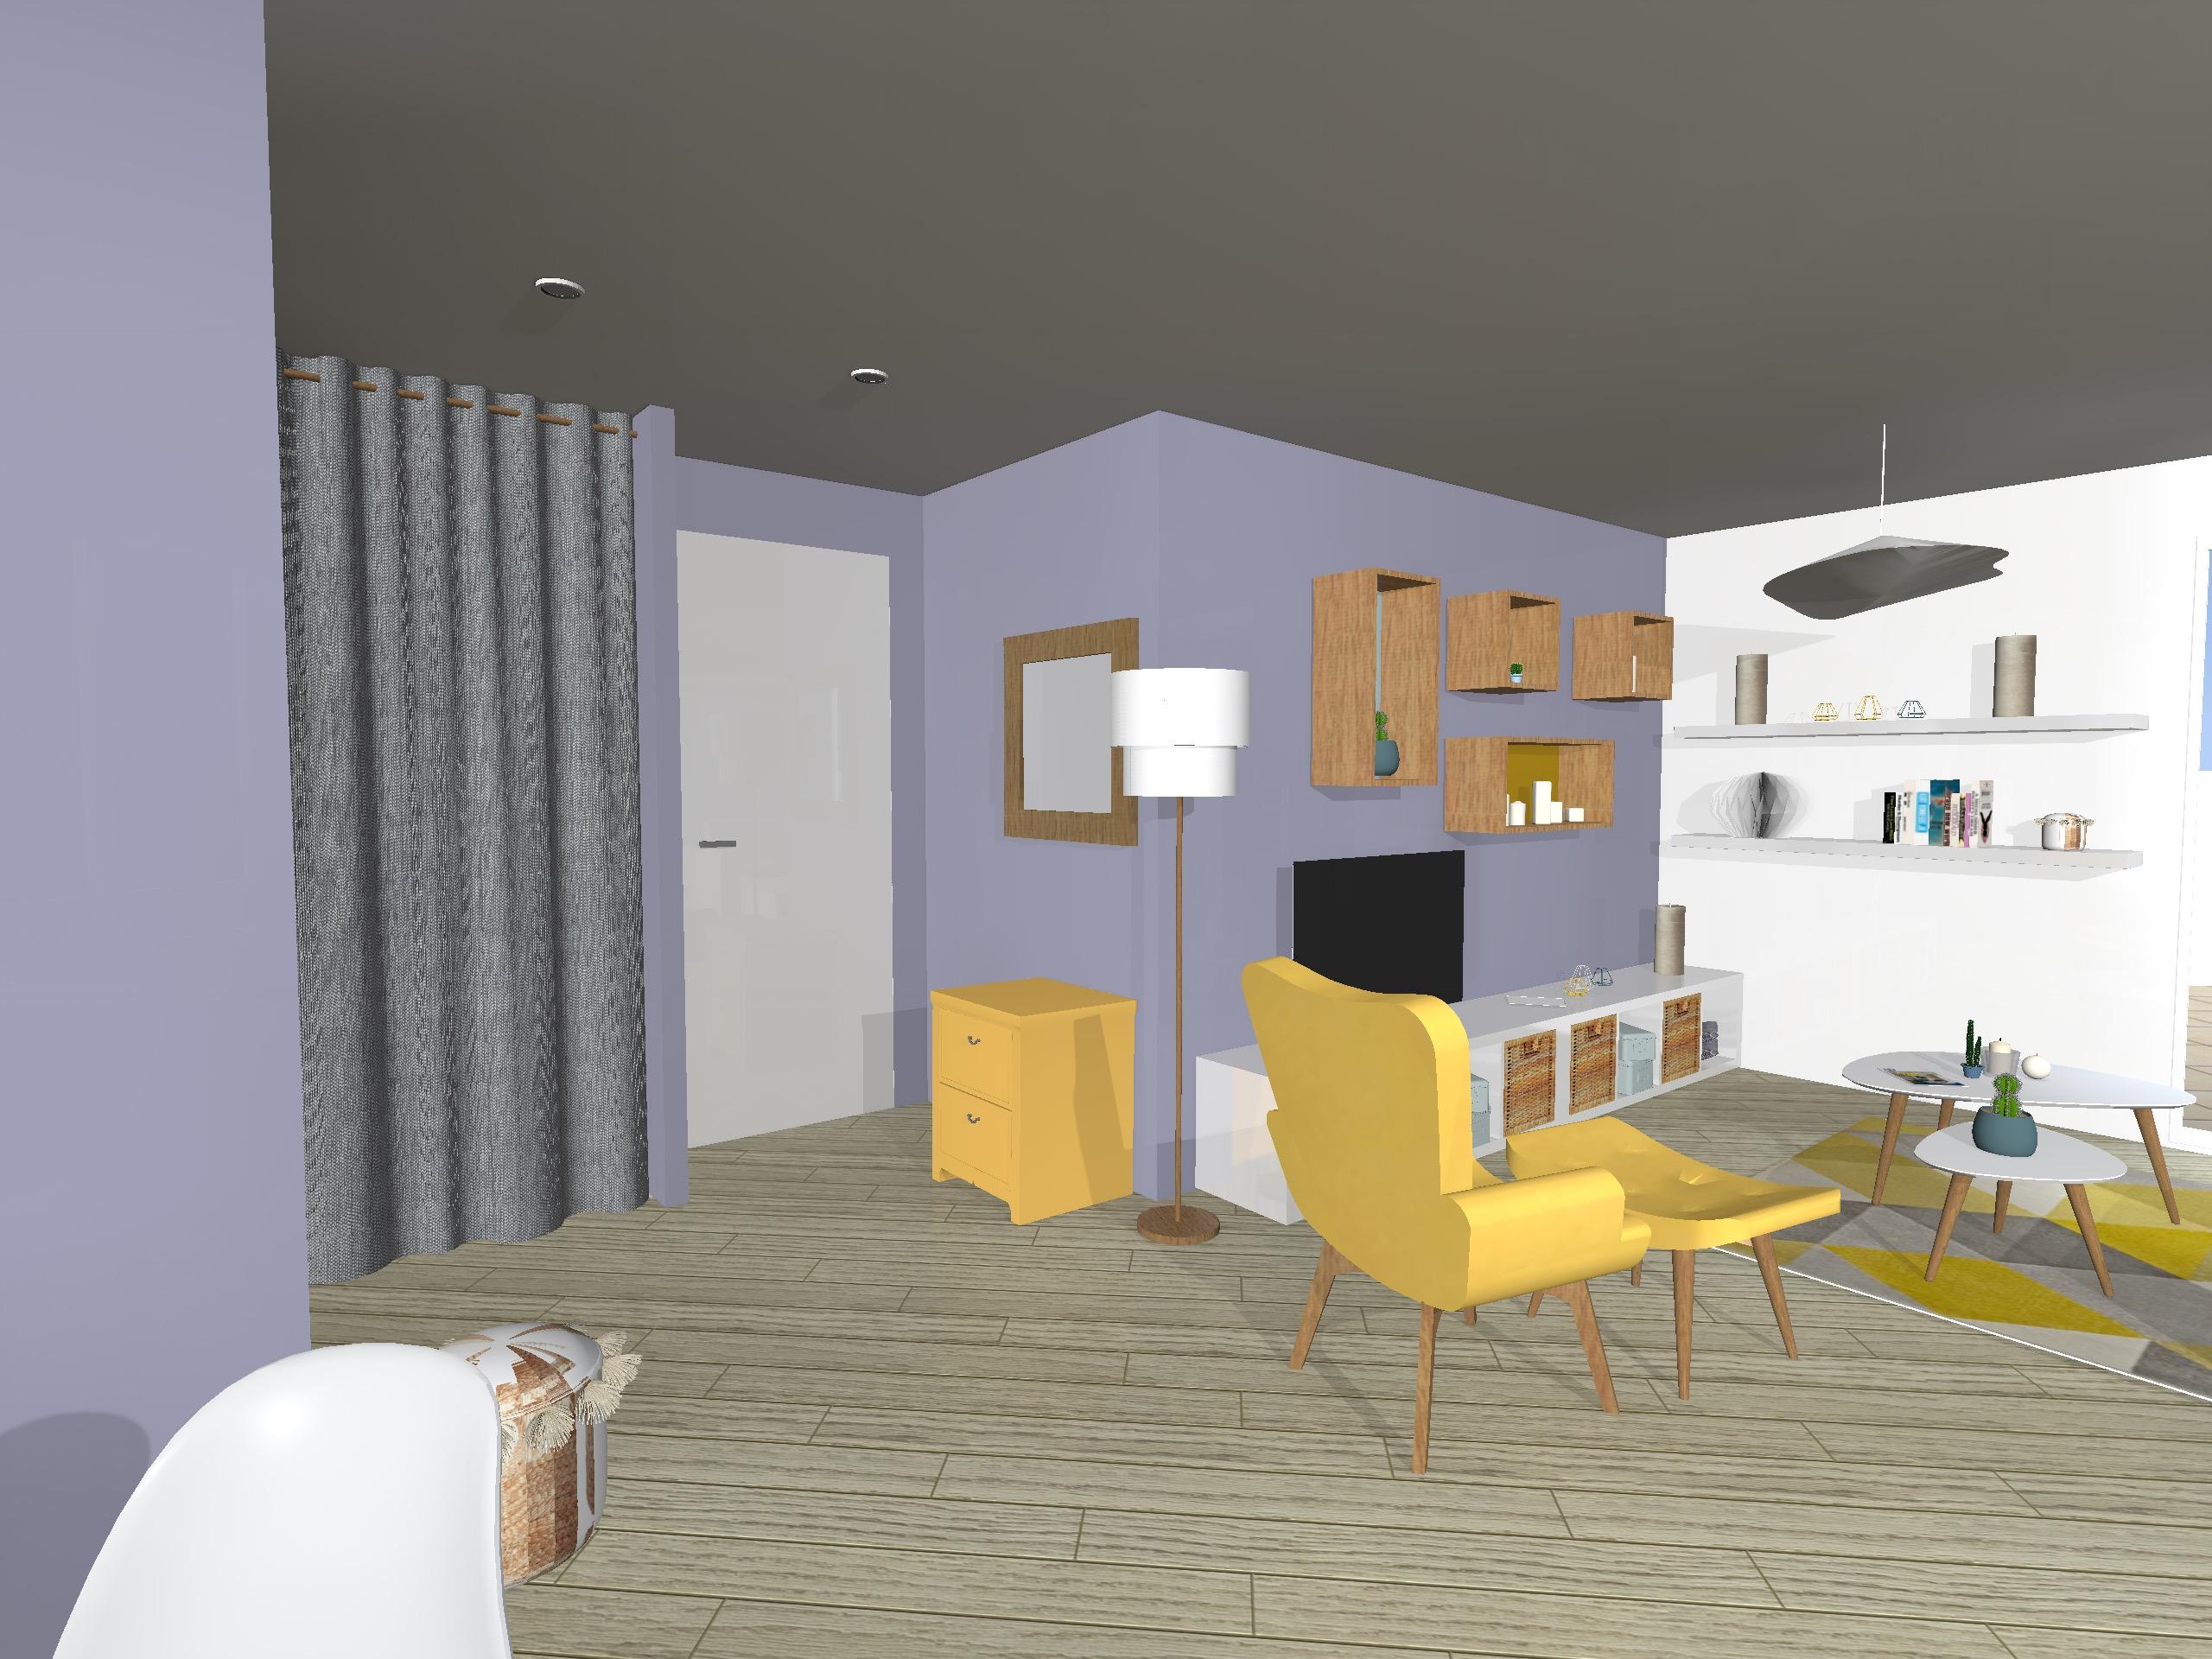 entree-sejour-villa-vailhauques-renovation-latelierdelisa